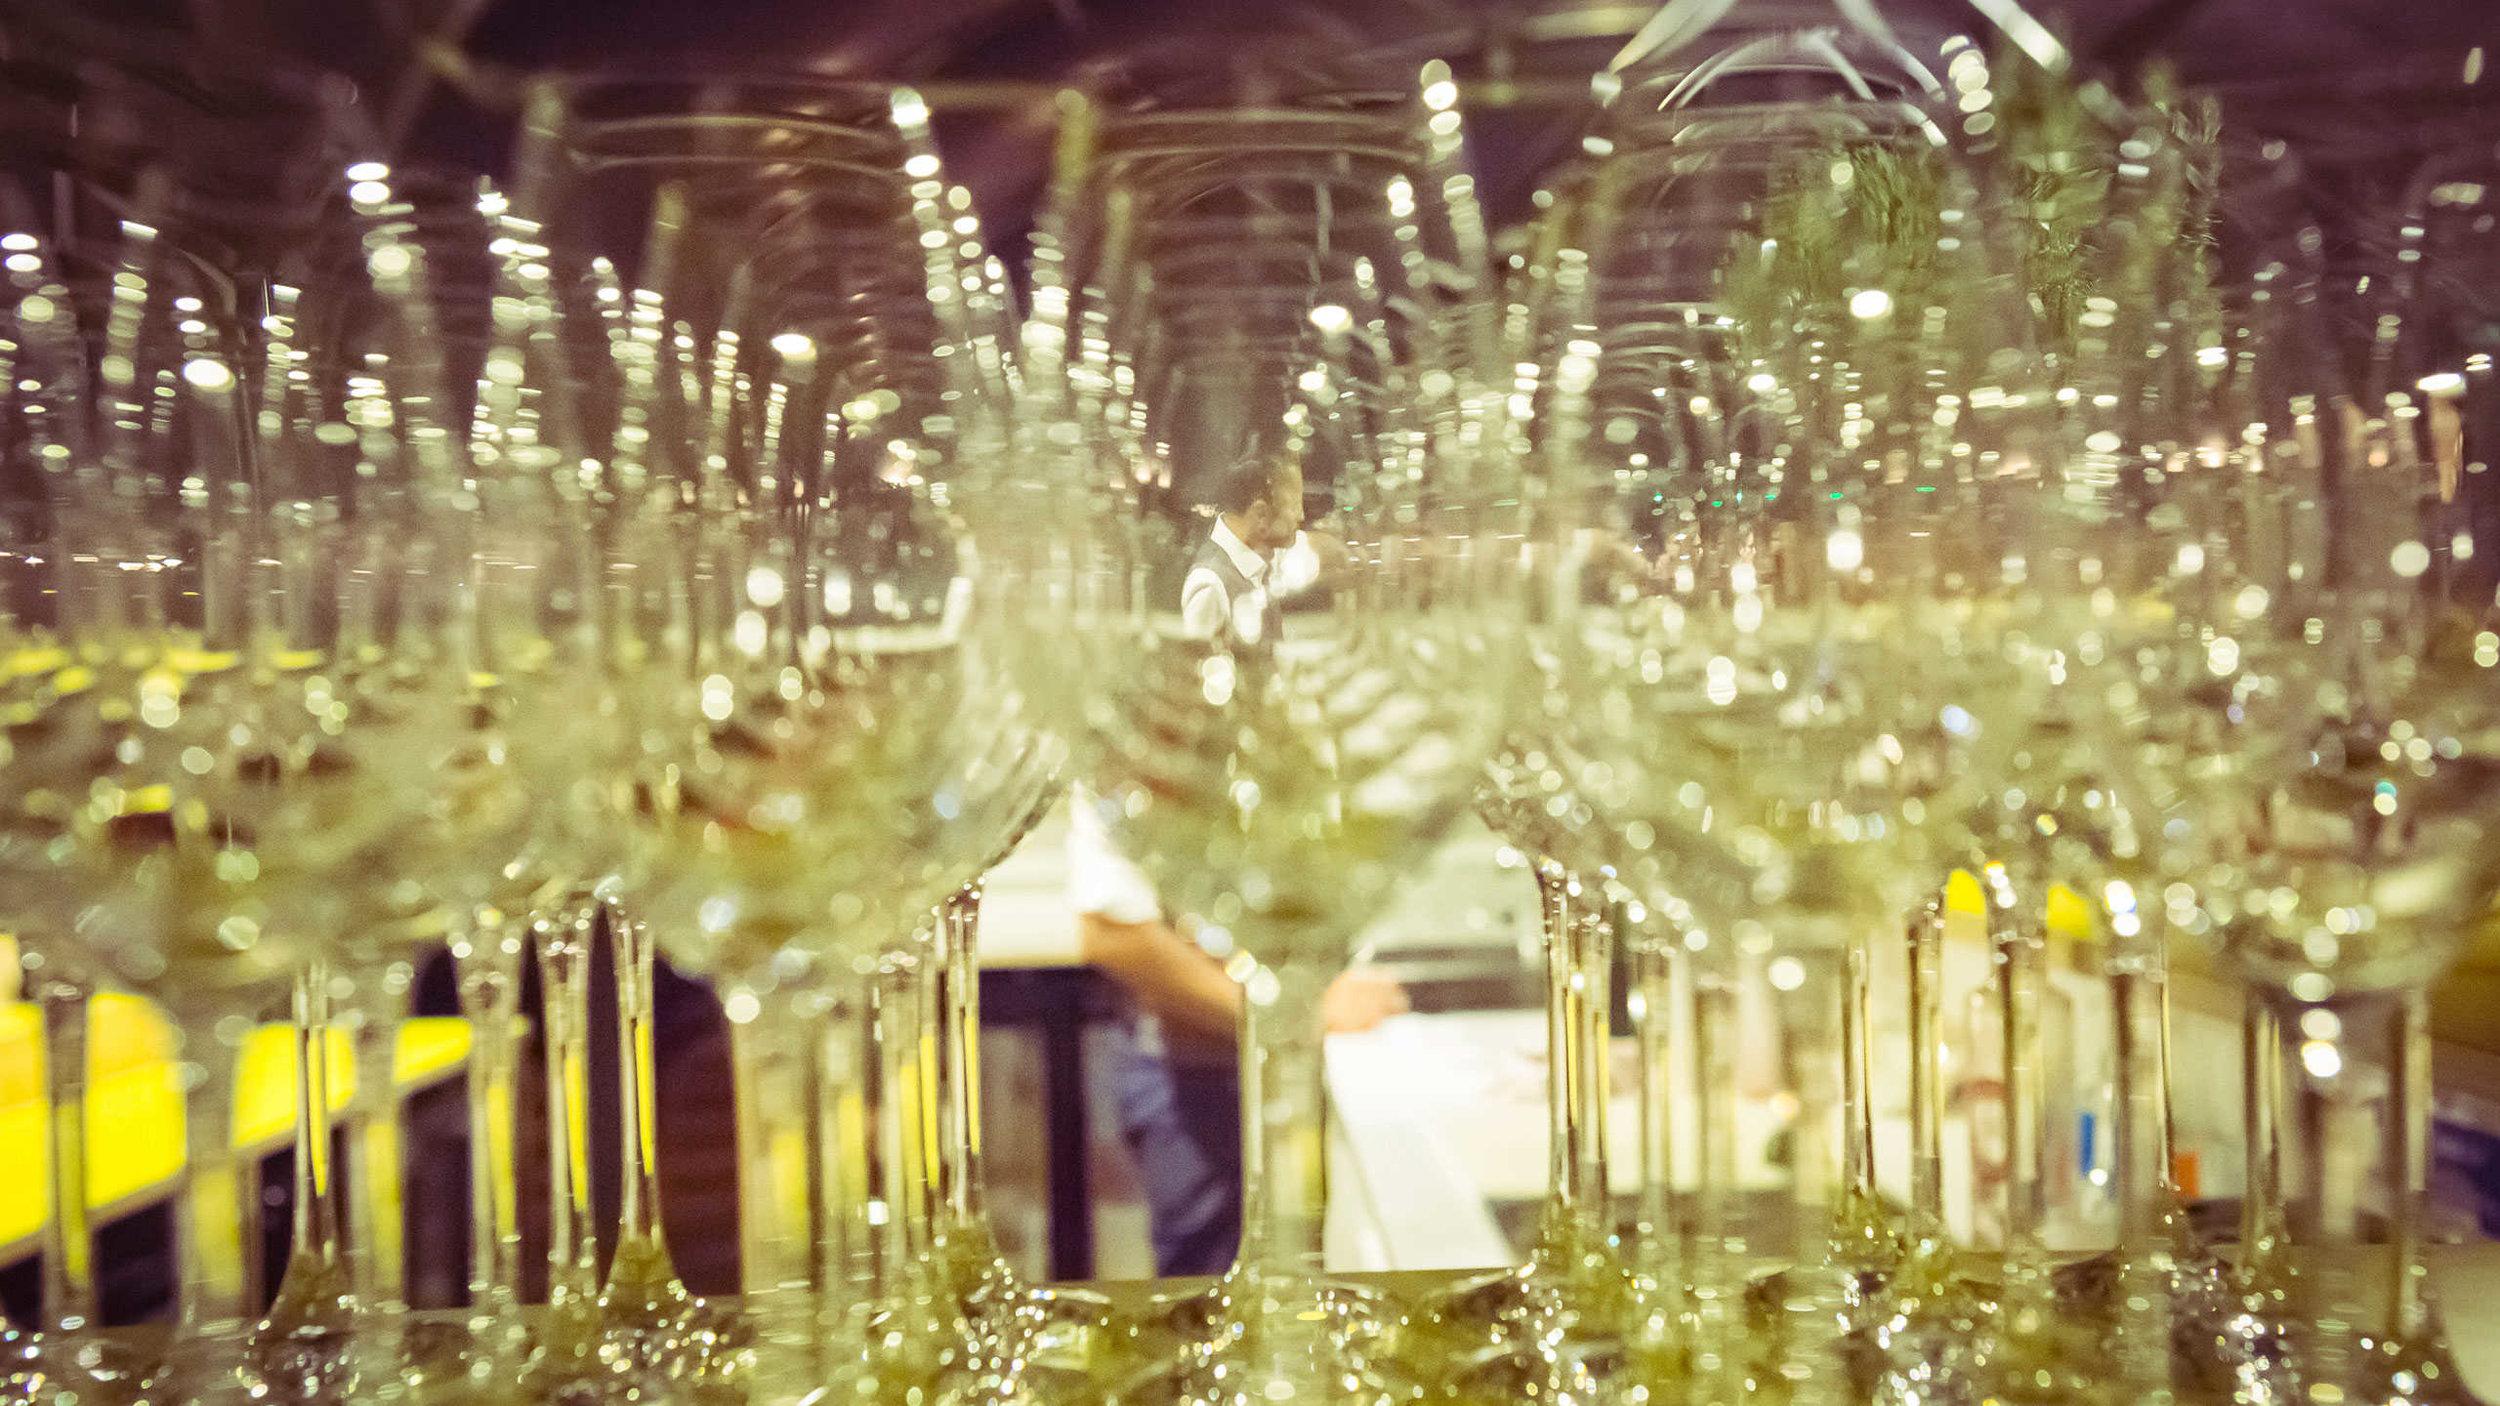 wineglassfractal_4.jpg